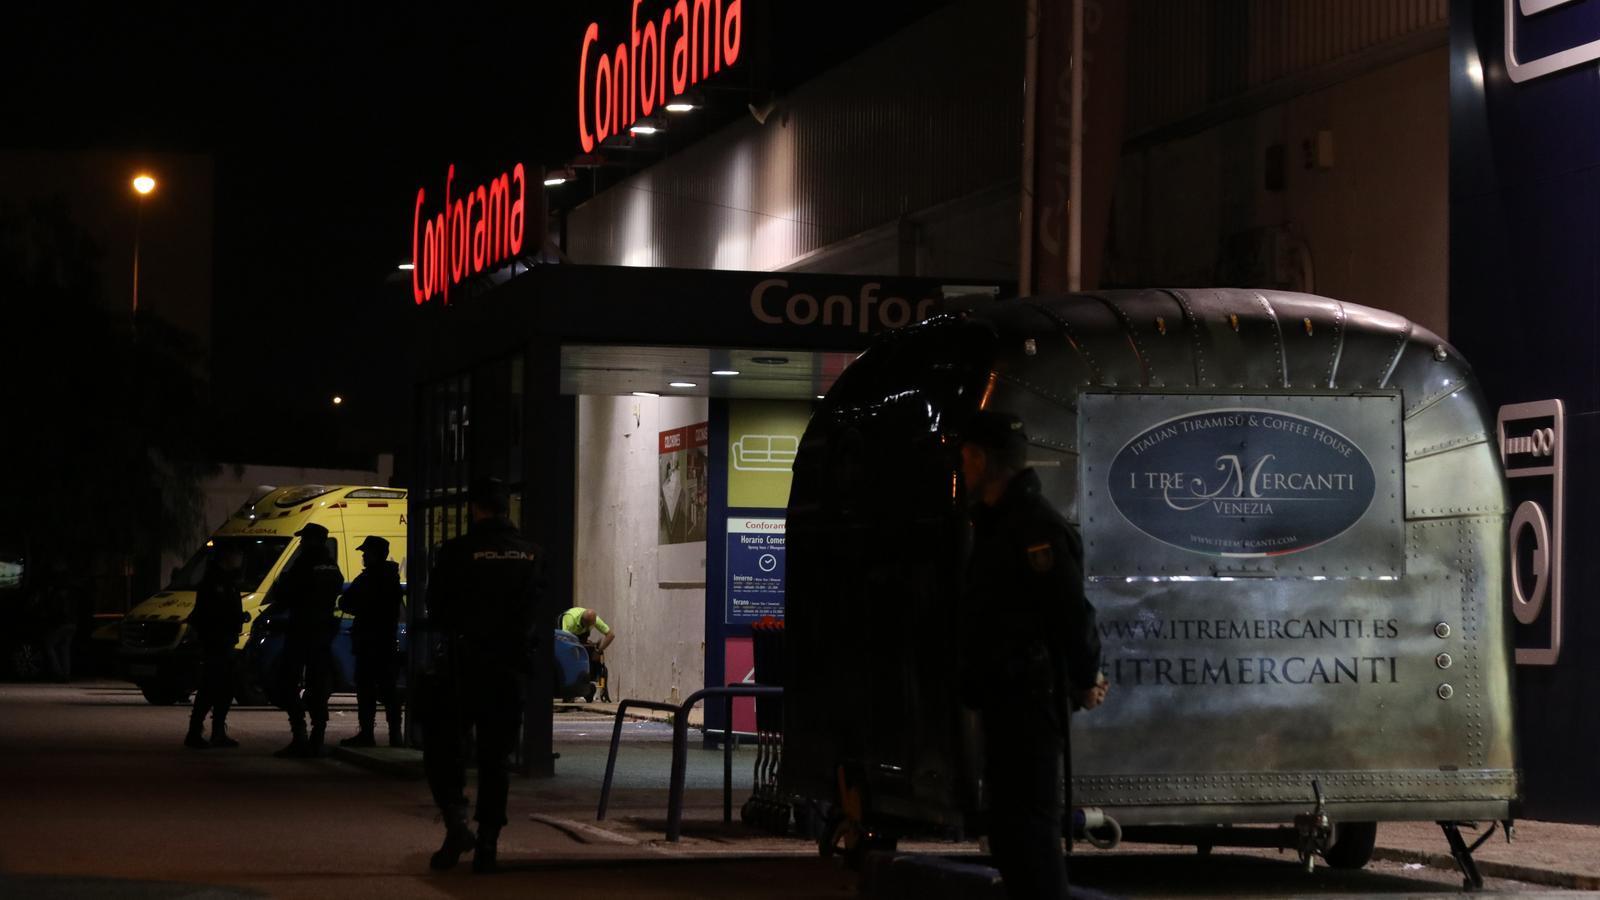 Un home apunyala i mata la seva exparella en un centre comercial a Palma